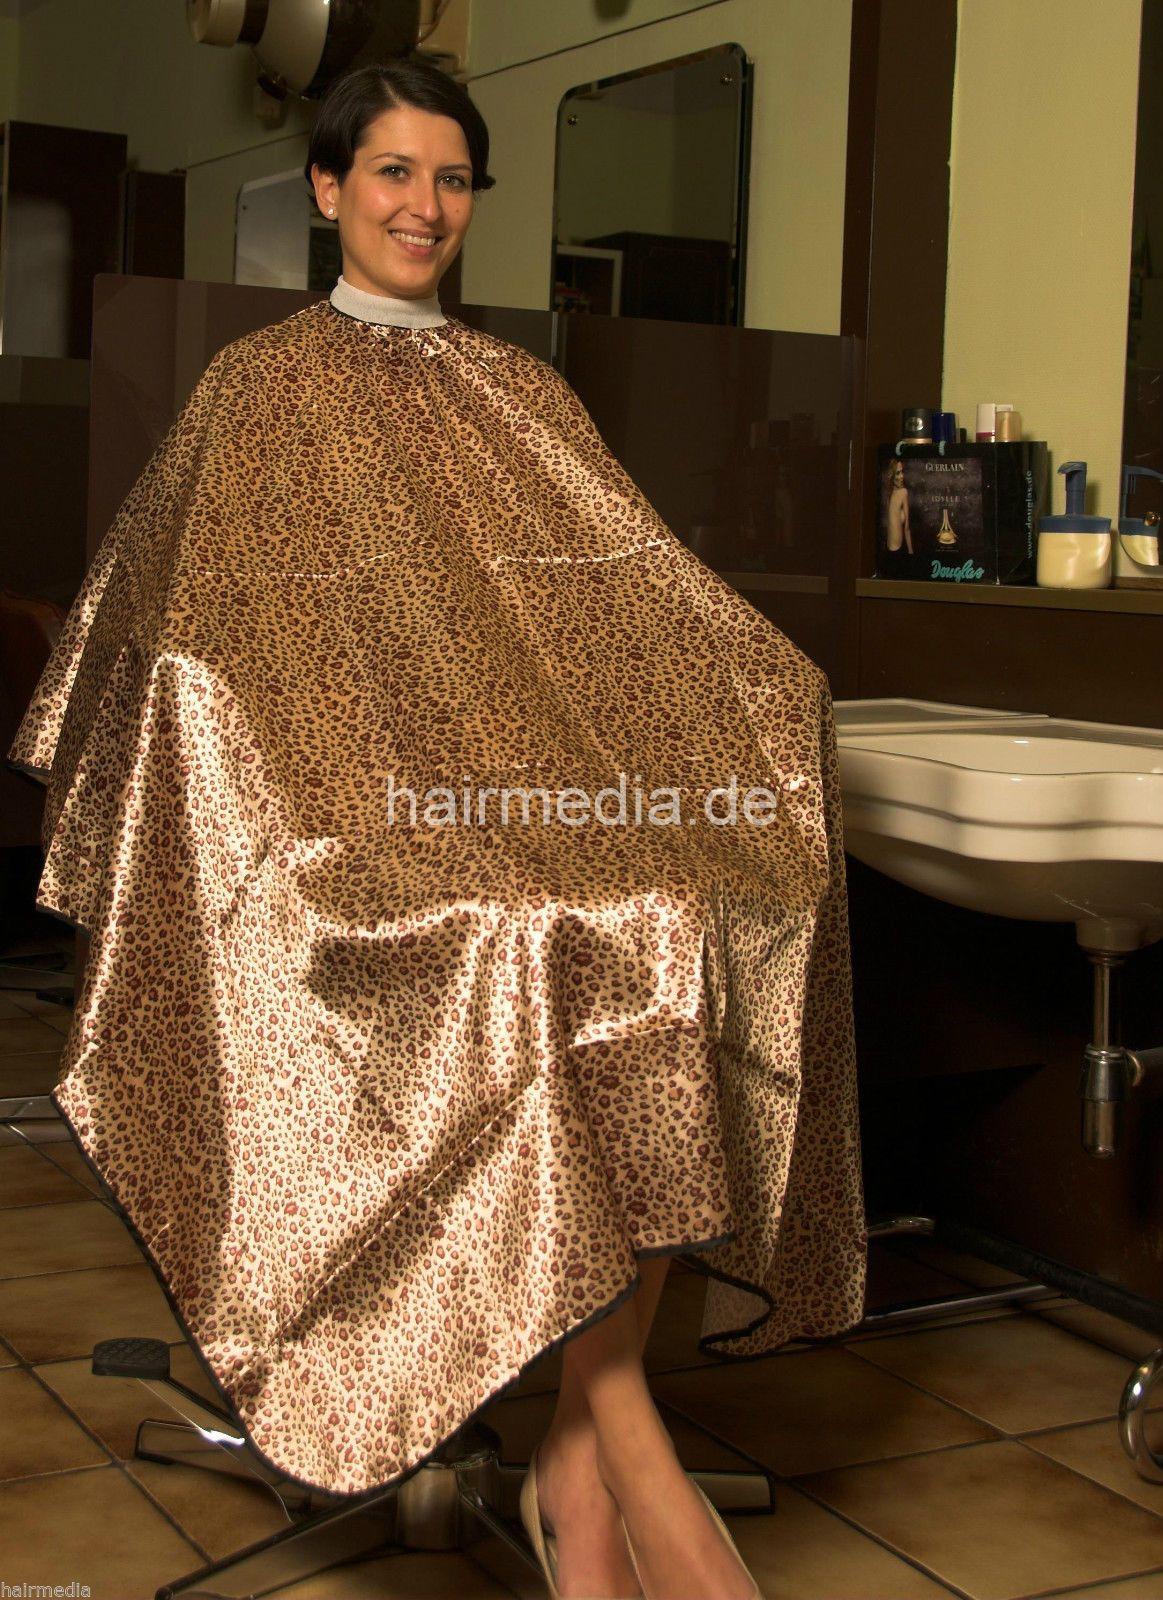 haircuttingcape friseurumhang haarschneideumhang leopard gl nzend neu a0027 in beauty. Black Bedroom Furniture Sets. Home Design Ideas